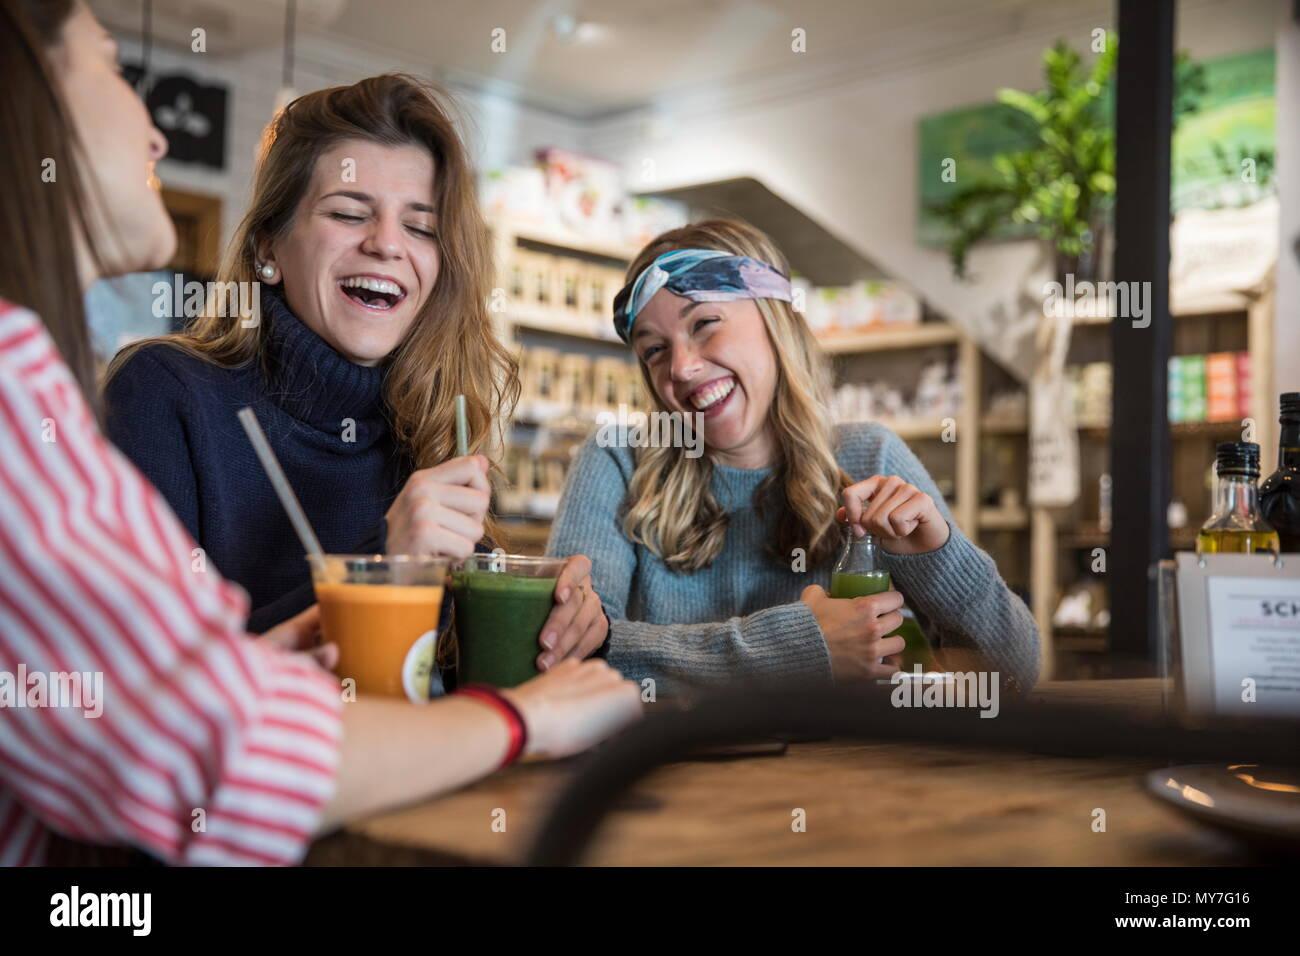 Drei weibliche Freunde, im Café sitzen, trinken Smoothies, Lachen Stockbild